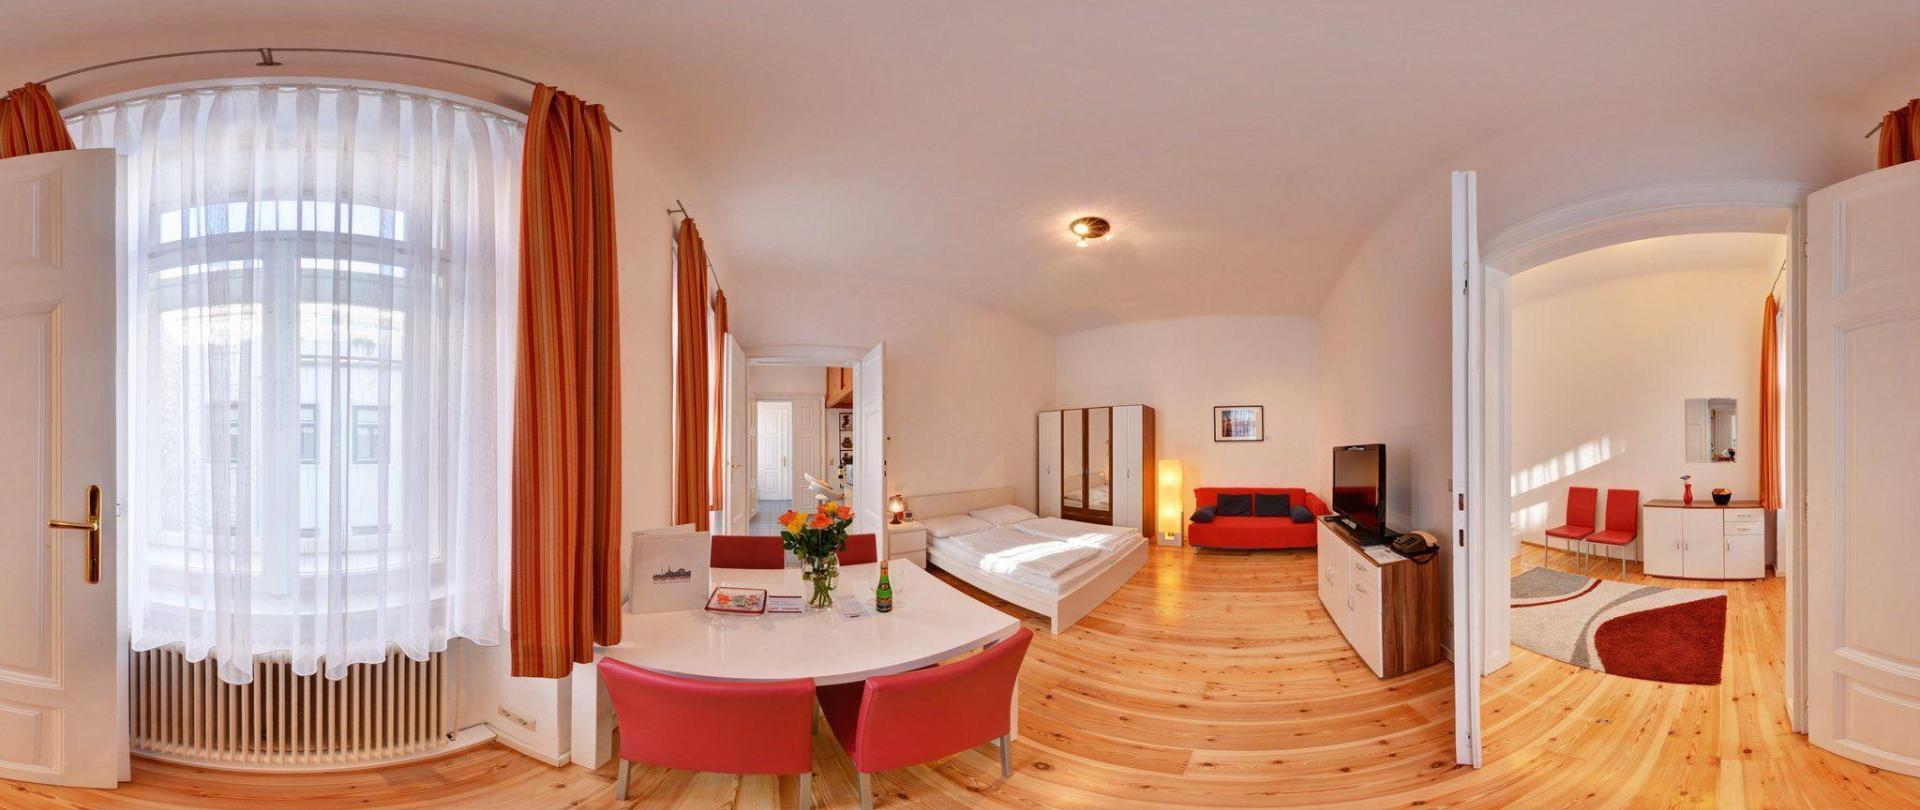 gal_apartments_vienna_zimmer_321.jpg